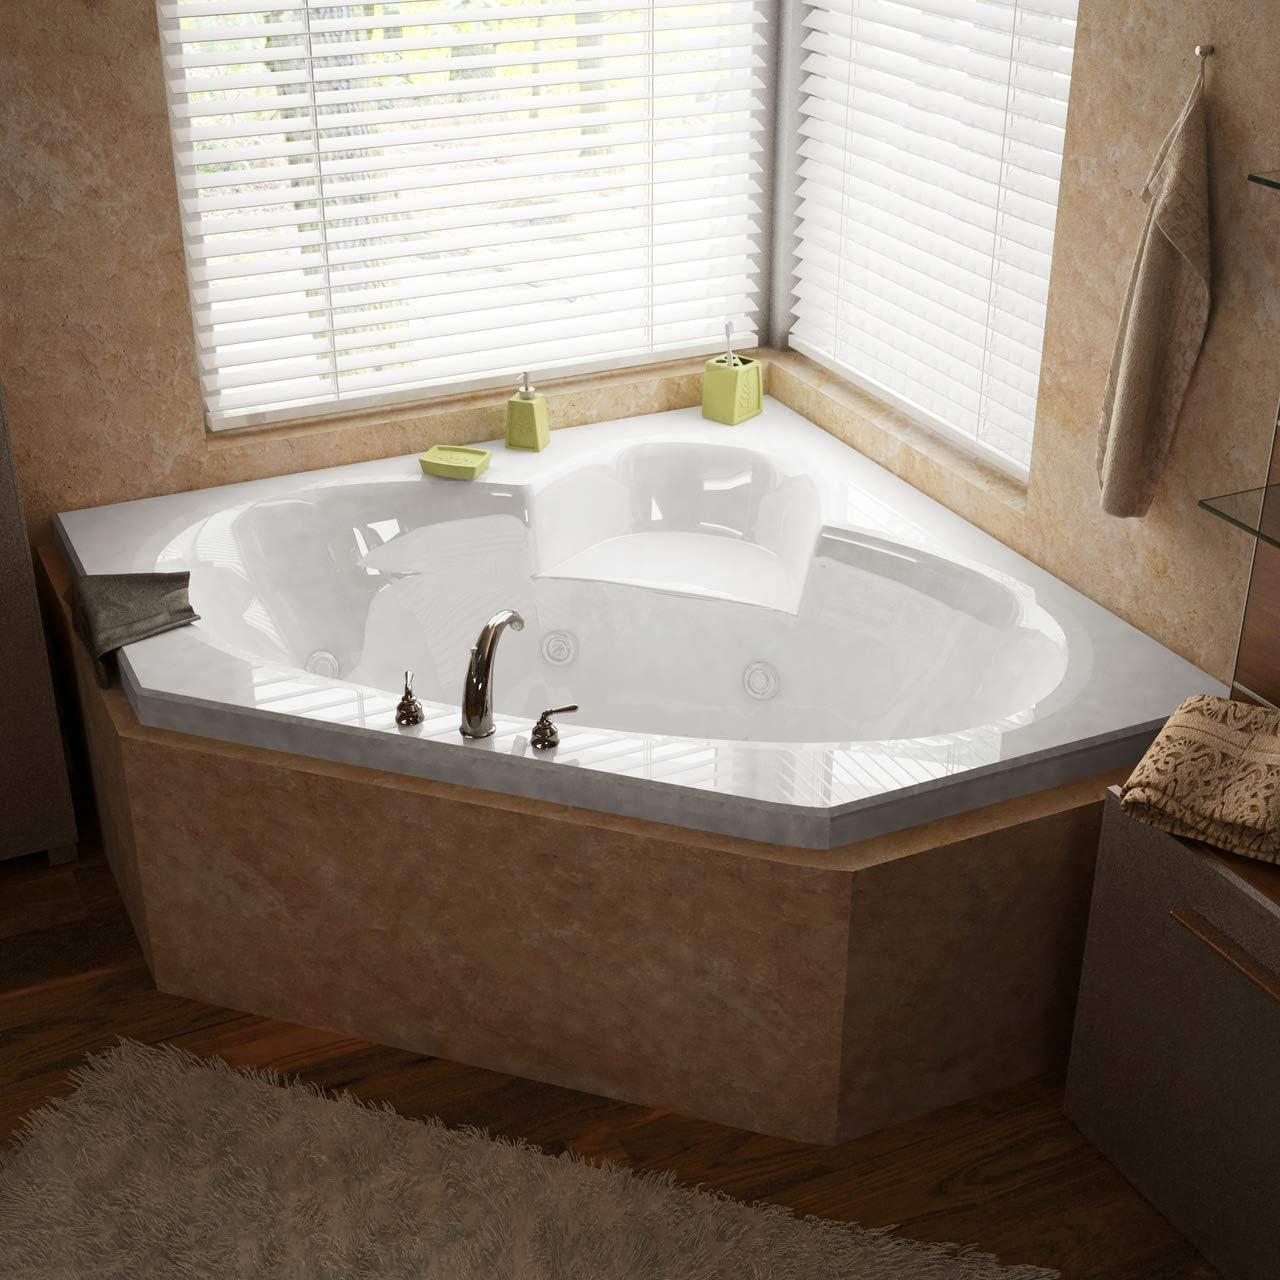 Atlantis Whirlpools 6060SWR Sublime 60 x 60 Corner Whirlpool Jetted Bathtub